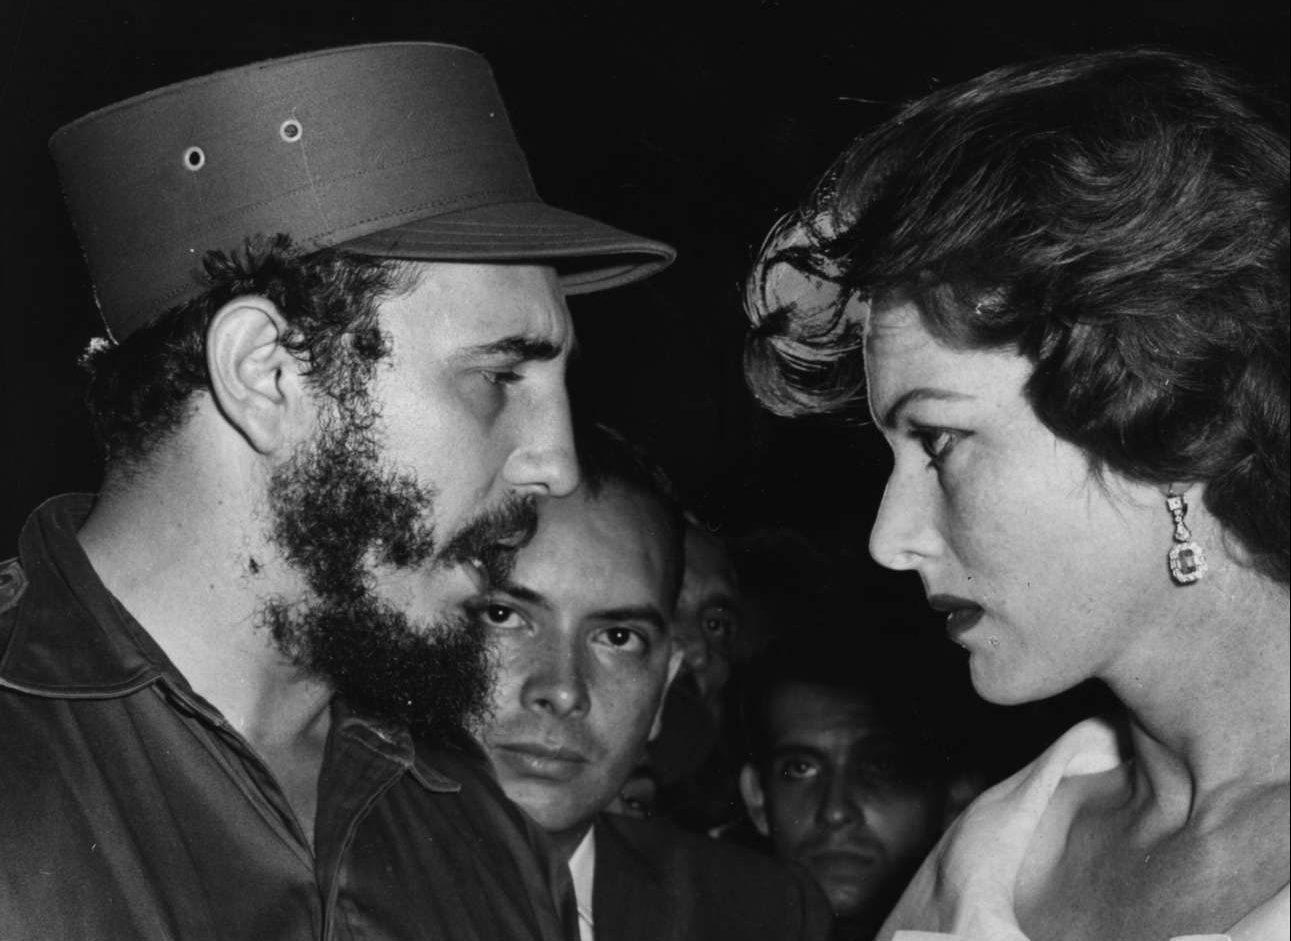 Αρχές του 1959. Ο Φιντέλ επισκέπτεται τα γυρίσματα της ταινίας «Our Man in Havana» του Κάρολ Ριντ και συναντά τη διάσημη ηθοποιό Μορίν Ο Χάρα